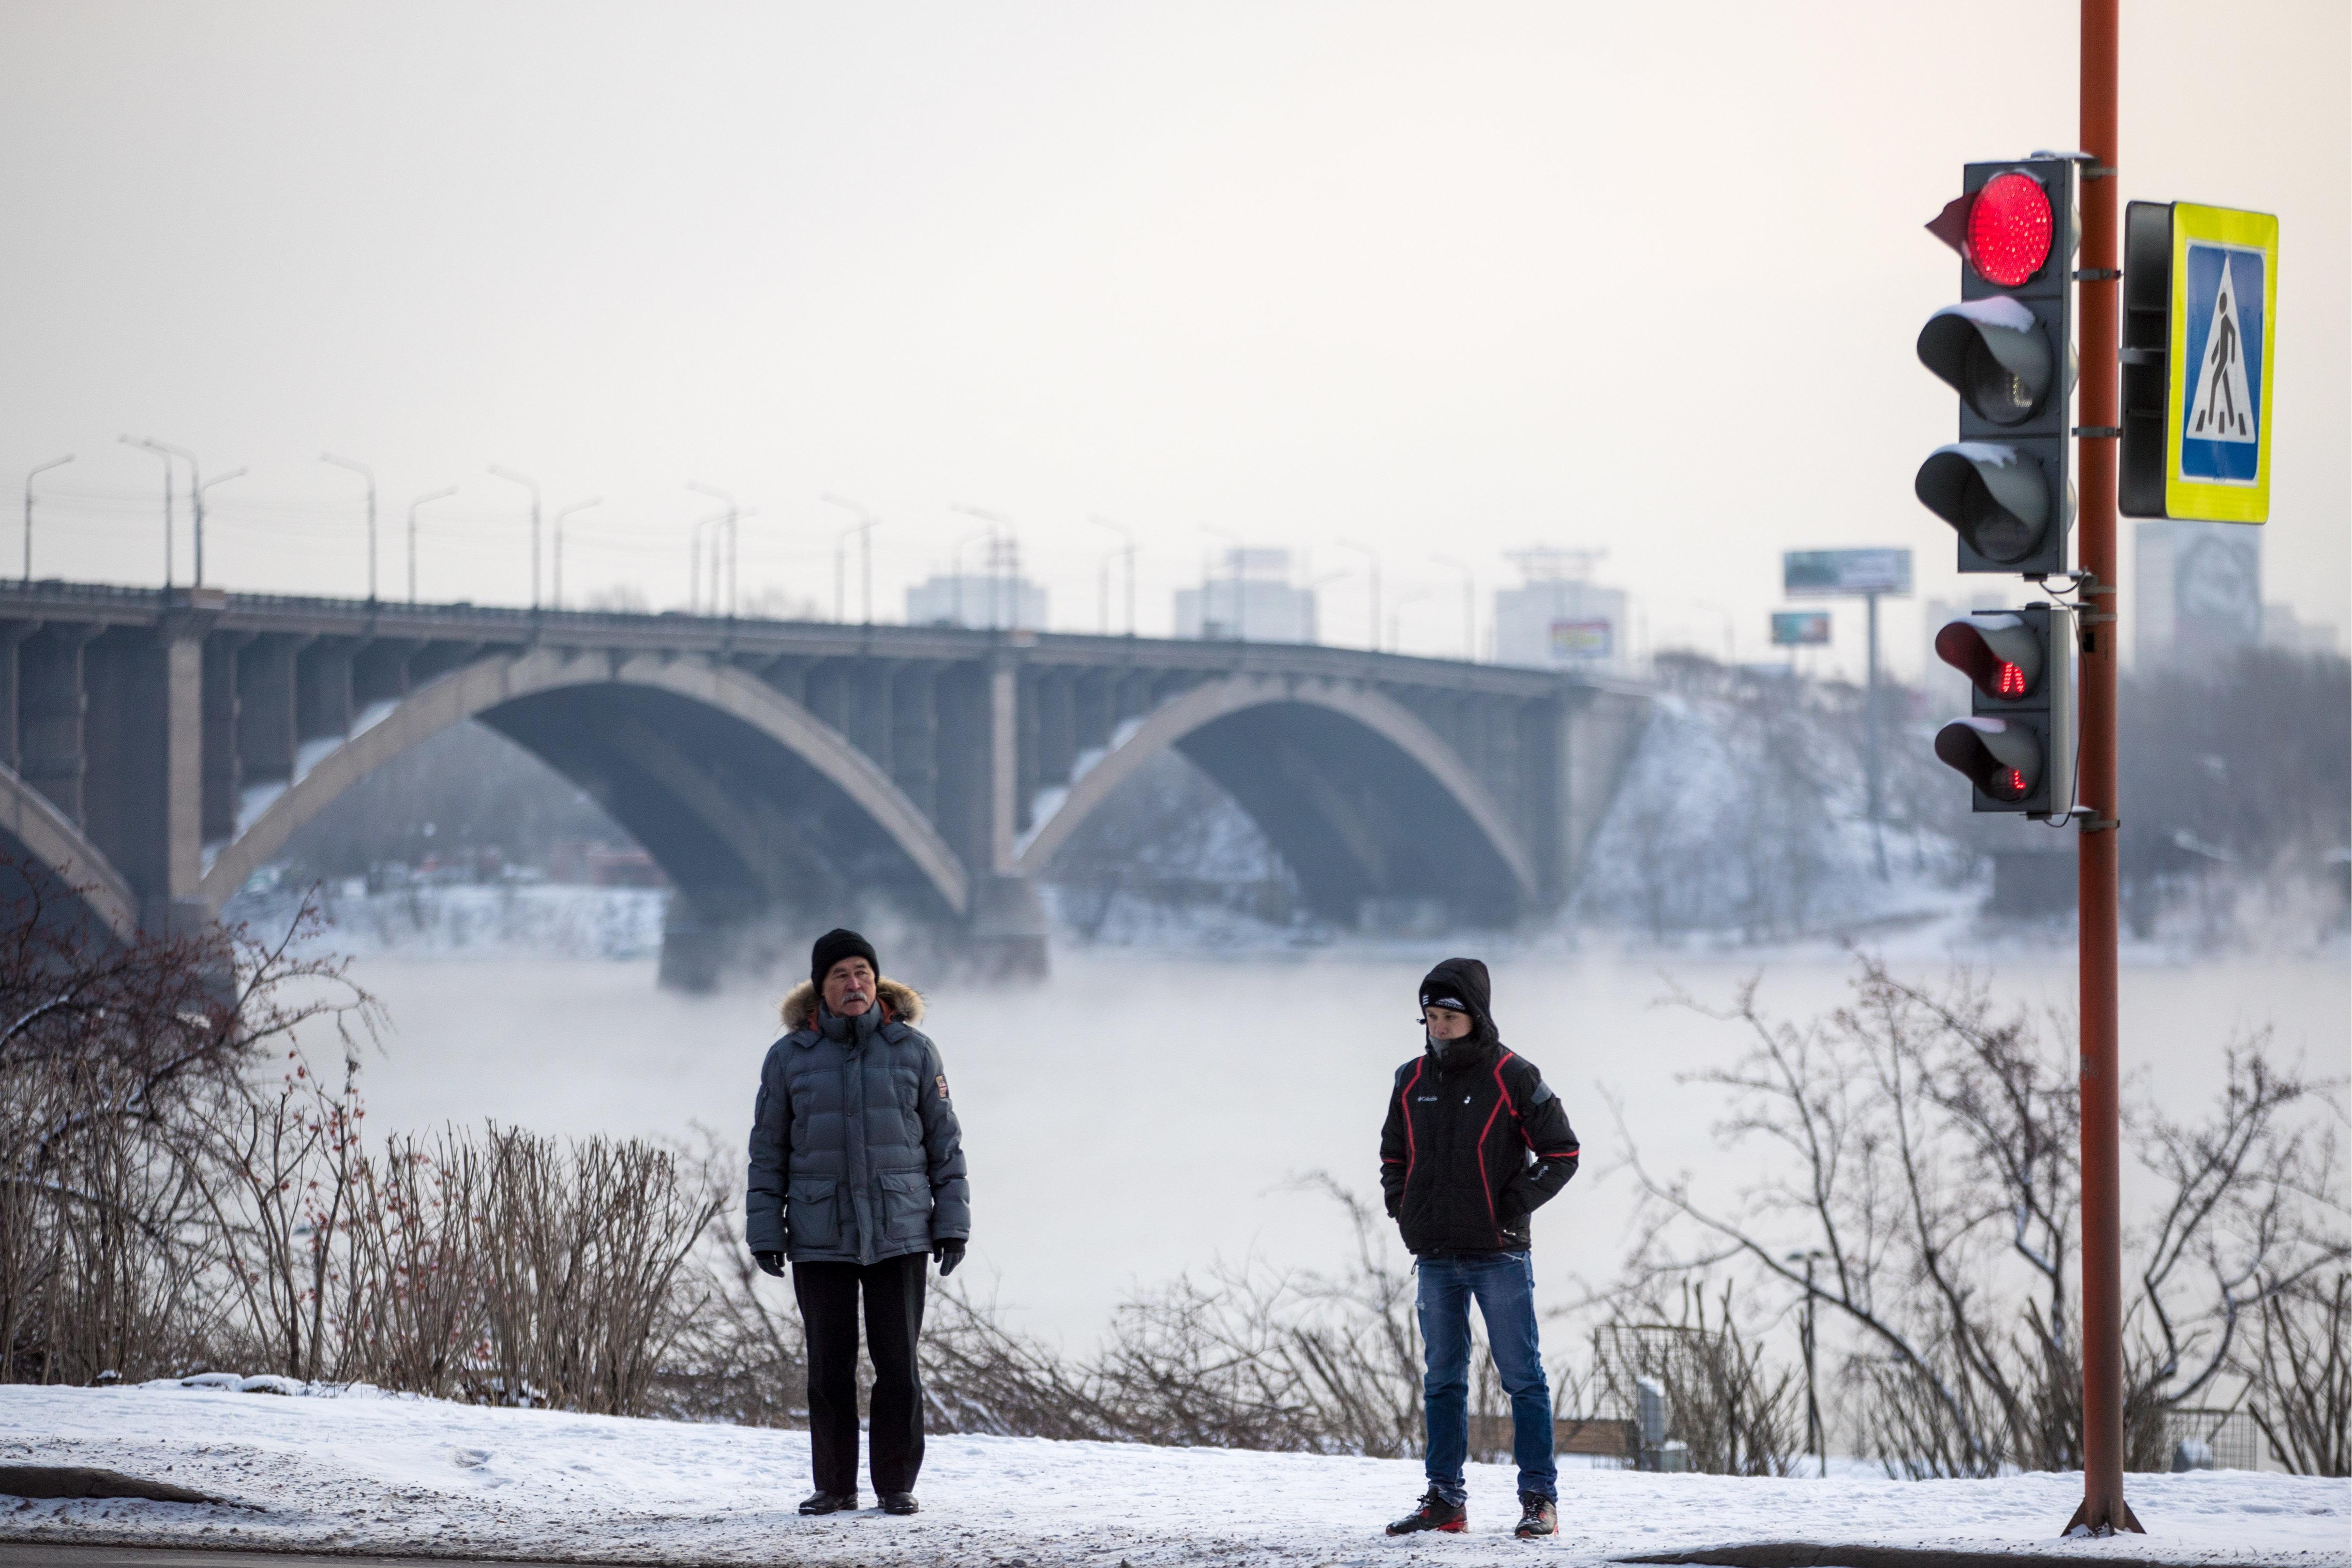 Έγκλημα σοκ στη Ρωσία: Μαχαίρωσε 88 φορές τη νέα του σύντροφο επειδή γέλασε όταν έμαθε ότι δεν είναι